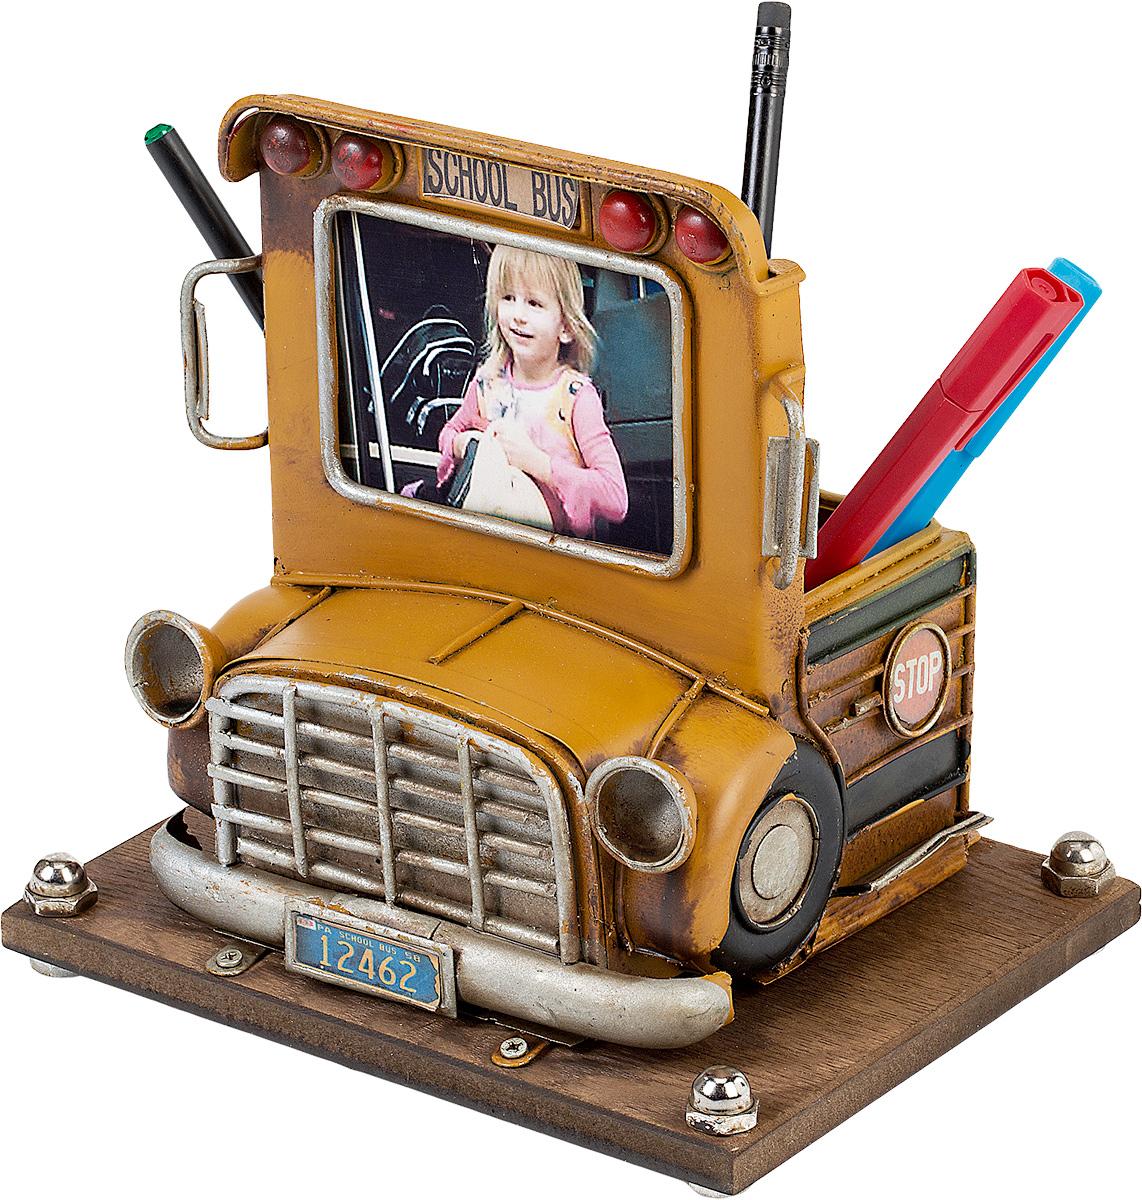 Фоторамка Platinum Школьный автобус, с подставкой для ручек, 6 х 8 см1404B-1286Фоторамка Platinum Школьный автобус, выполненная из металла, оснащена подставкой для ручек и карандашей. Такая фоторамка поможет вам оригинально и стильно дополнить интерьер помещения, а также позволит сохранить память о дорогих вам людях и интересных событиях вашей жизни.